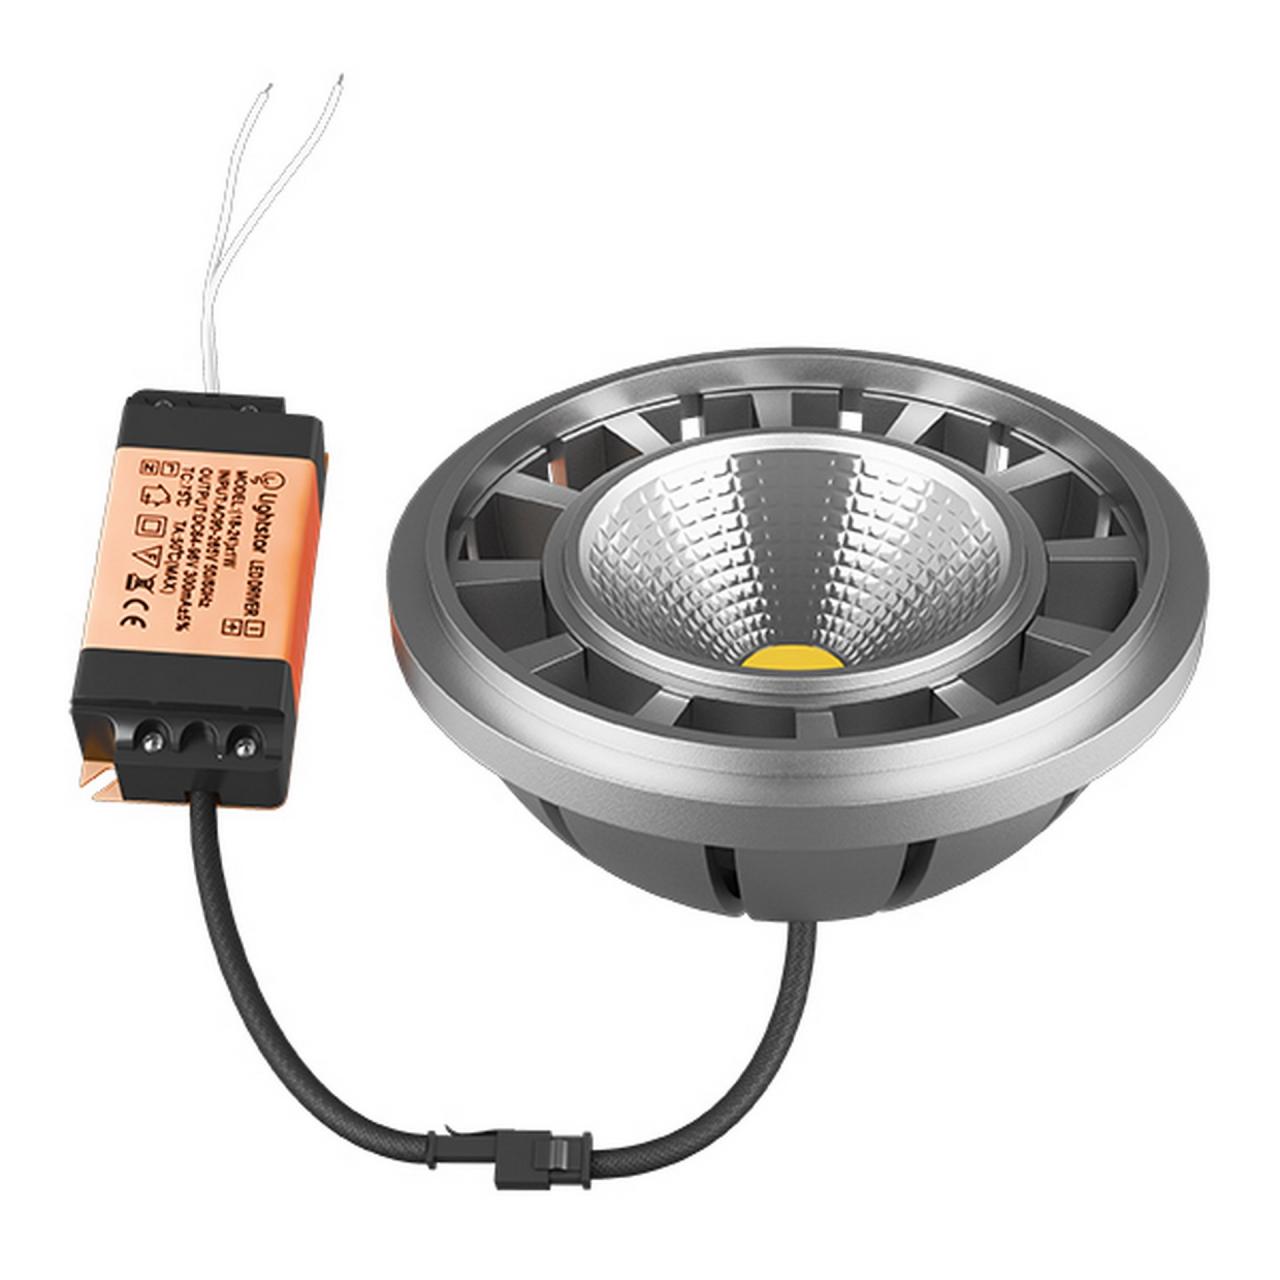 Светодиодная LED лампа AR111/DR111, 220V, 20W - 4000K. Lightstar 940124